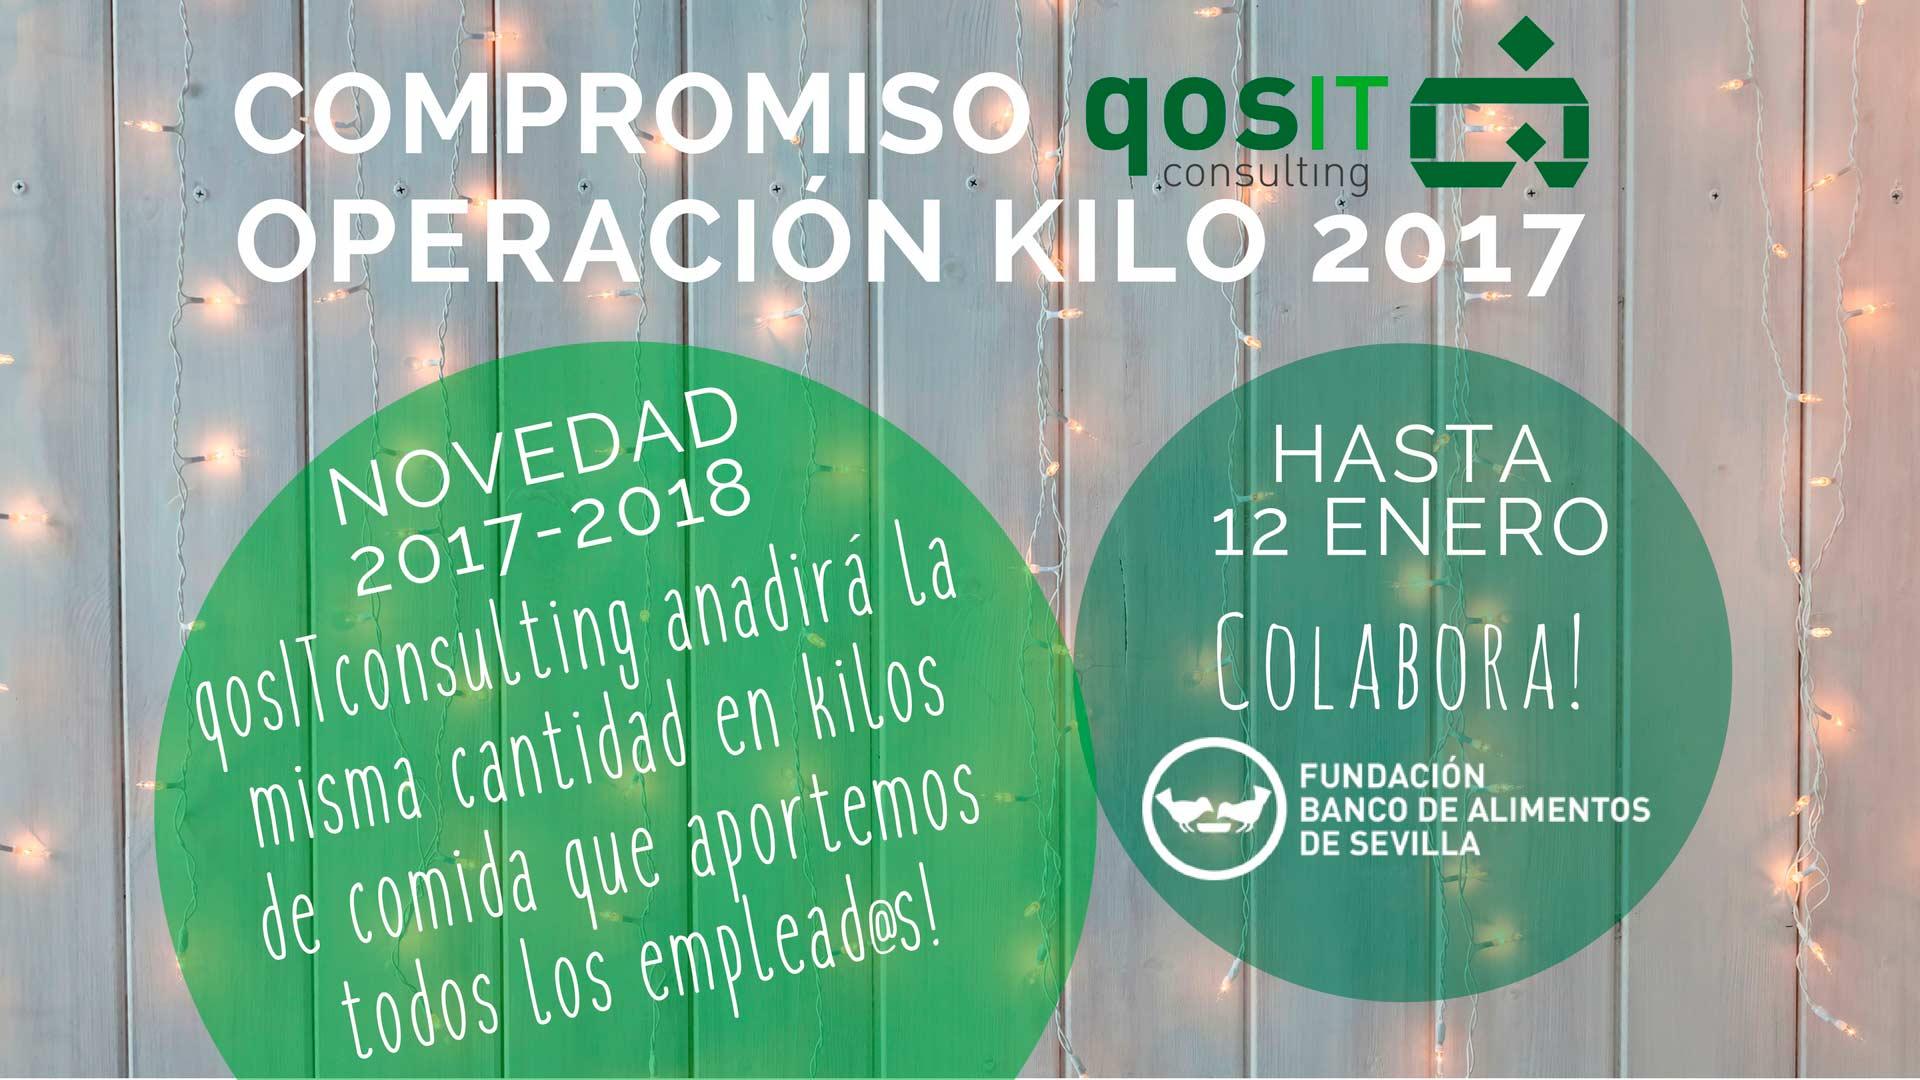 Compromiso qosITconsulting Operación Kilo 2017